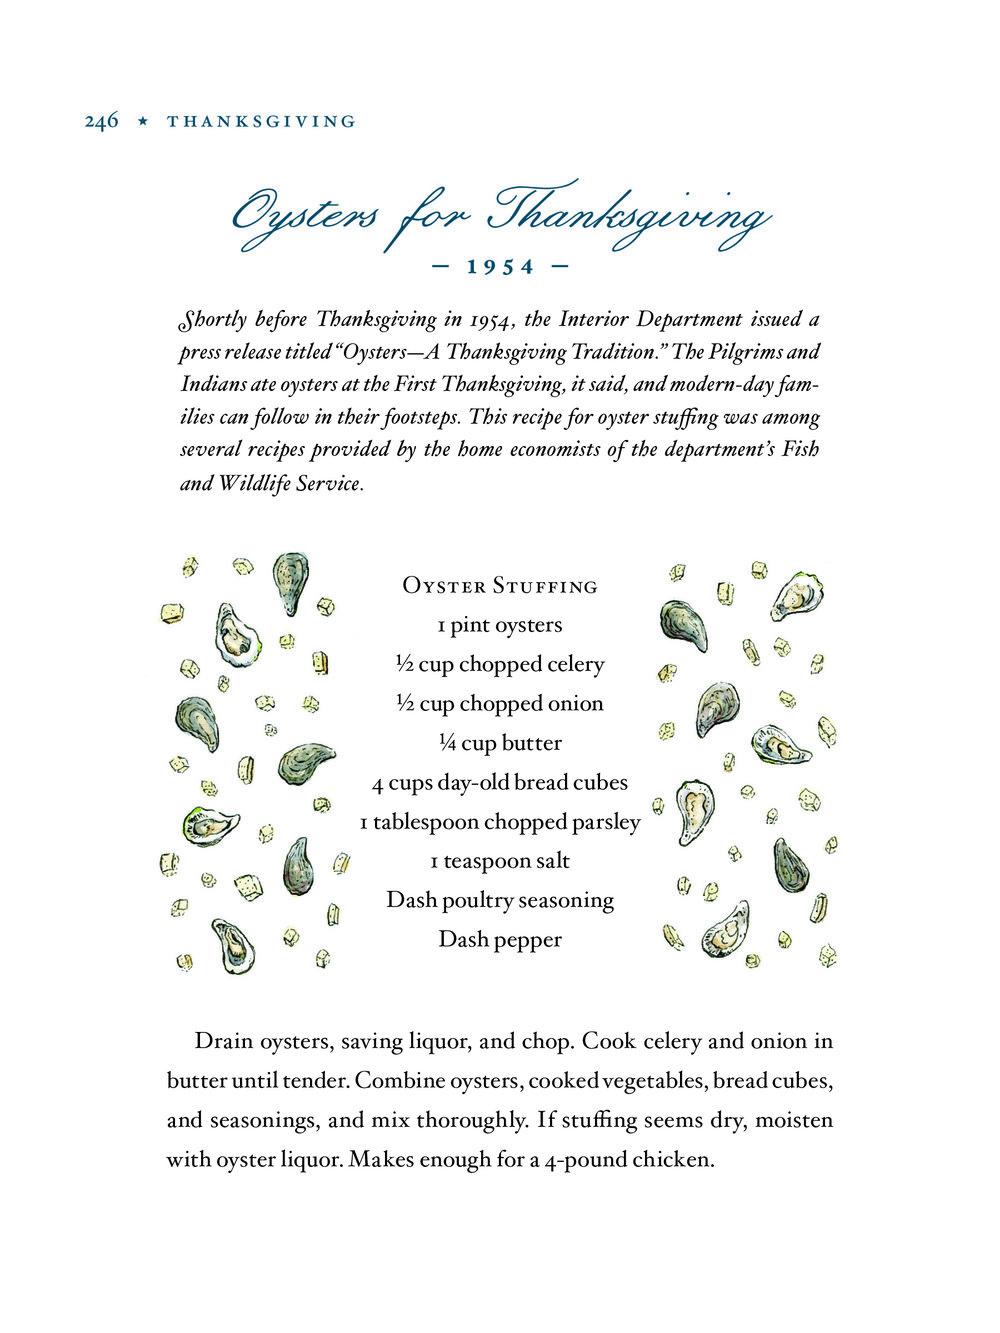 RecipesPag6.jpg